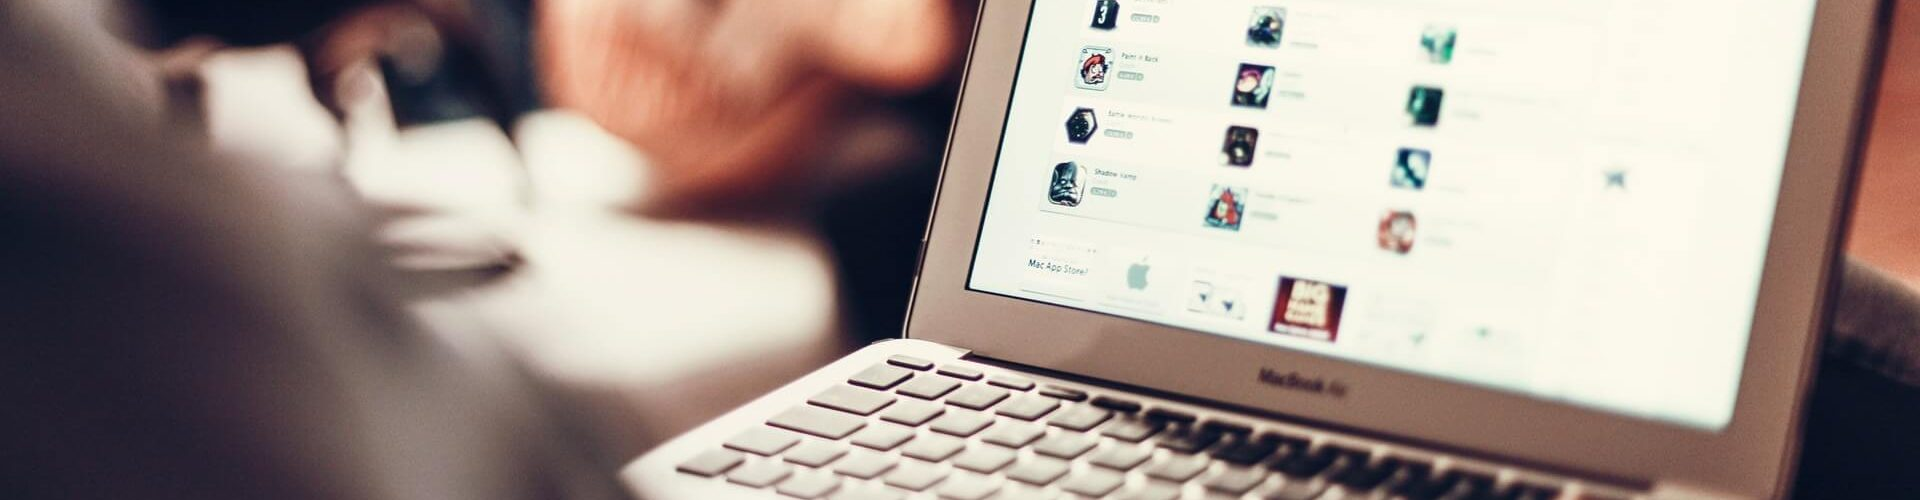 Bewerberwebsite - Blick auf eine Homepage